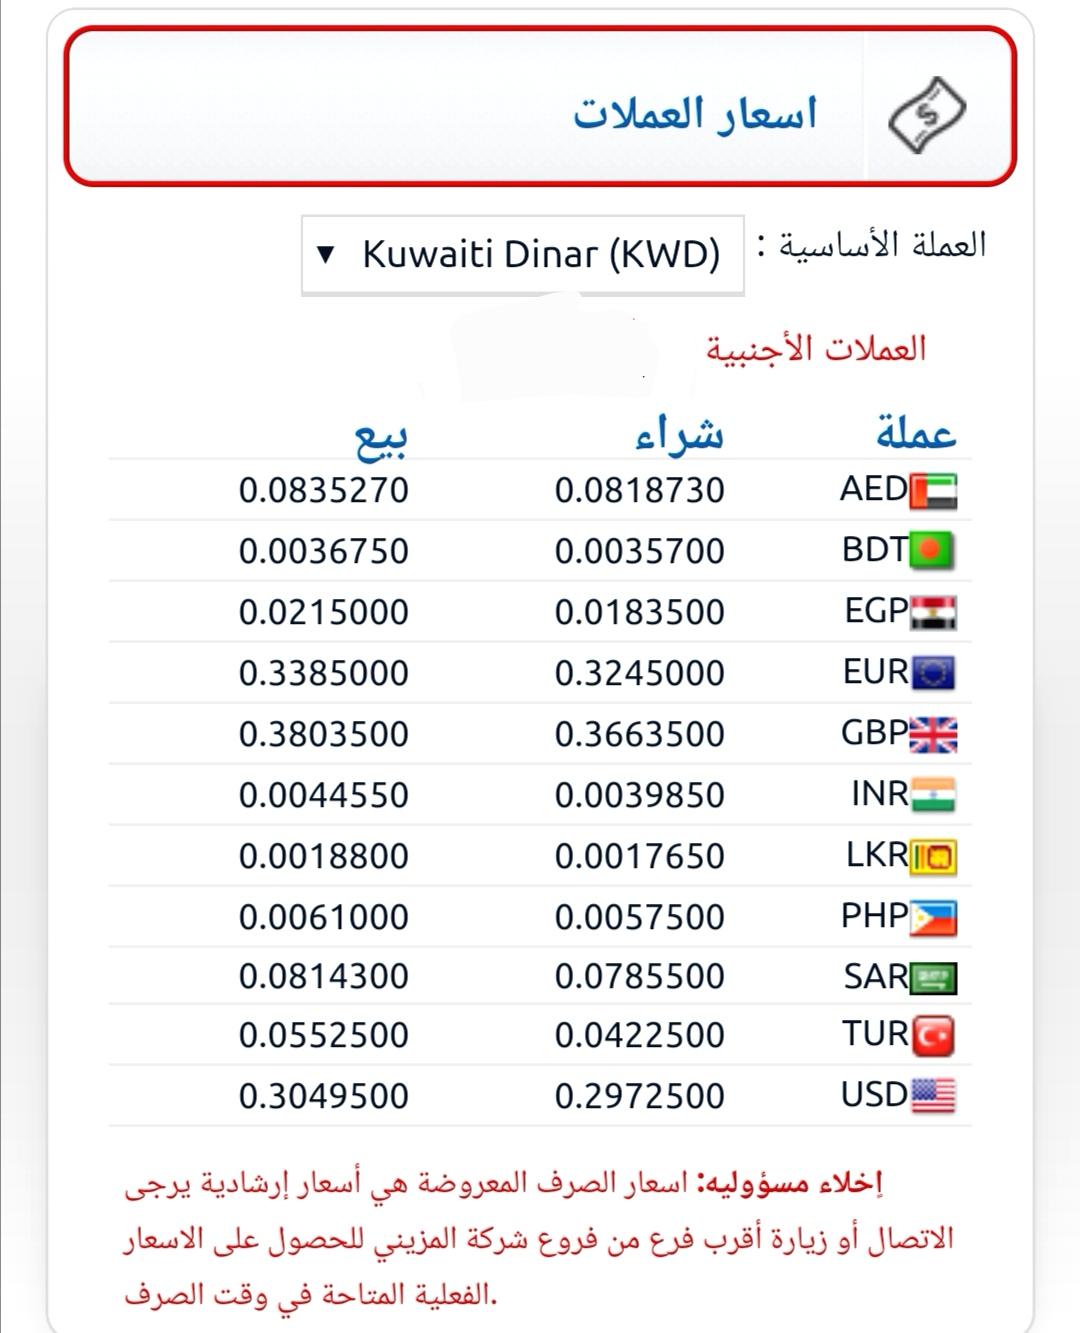 اسعار المزينى للصيرفة اليوم سعر الالف المصري اسعار العملات فى الكويت الان المزيني للصرافة ١٠ سبتمبر